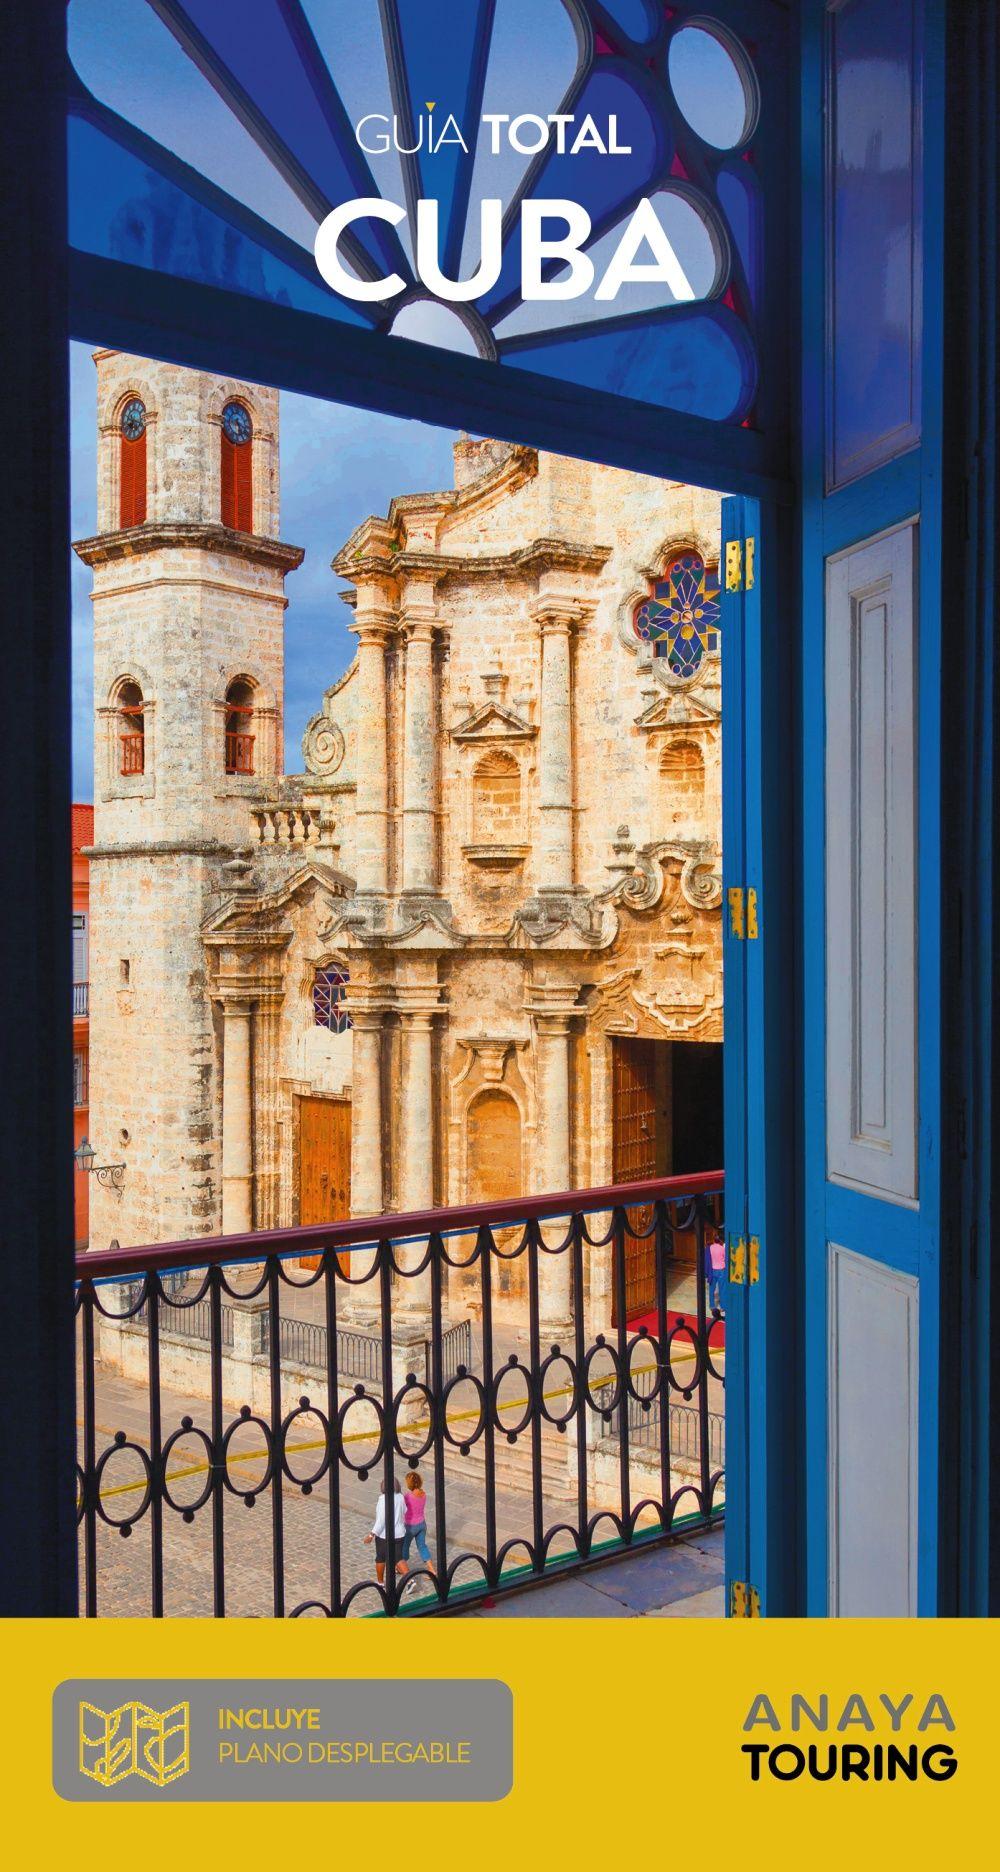 CUBA GUIA TOTAL